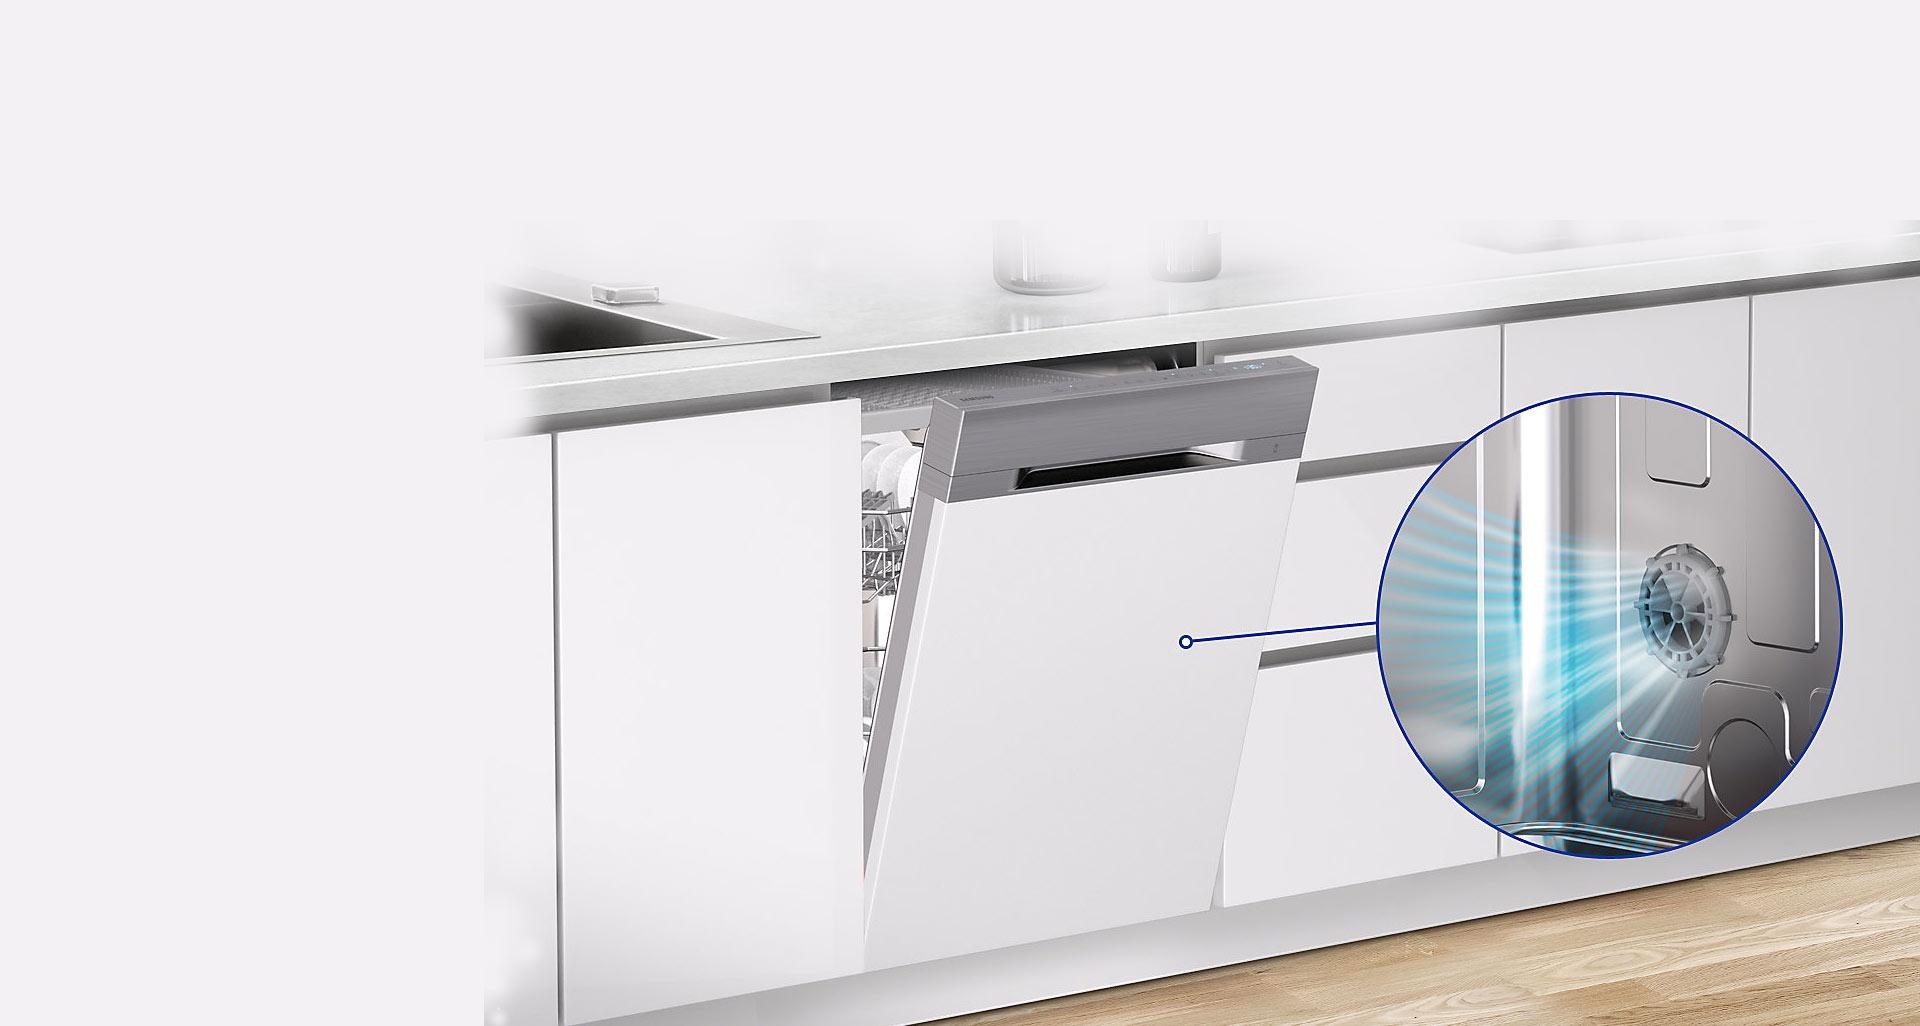 ماشین ظرفشویی WaterWall سامسونگ با قابلیت خشک کن خودکار